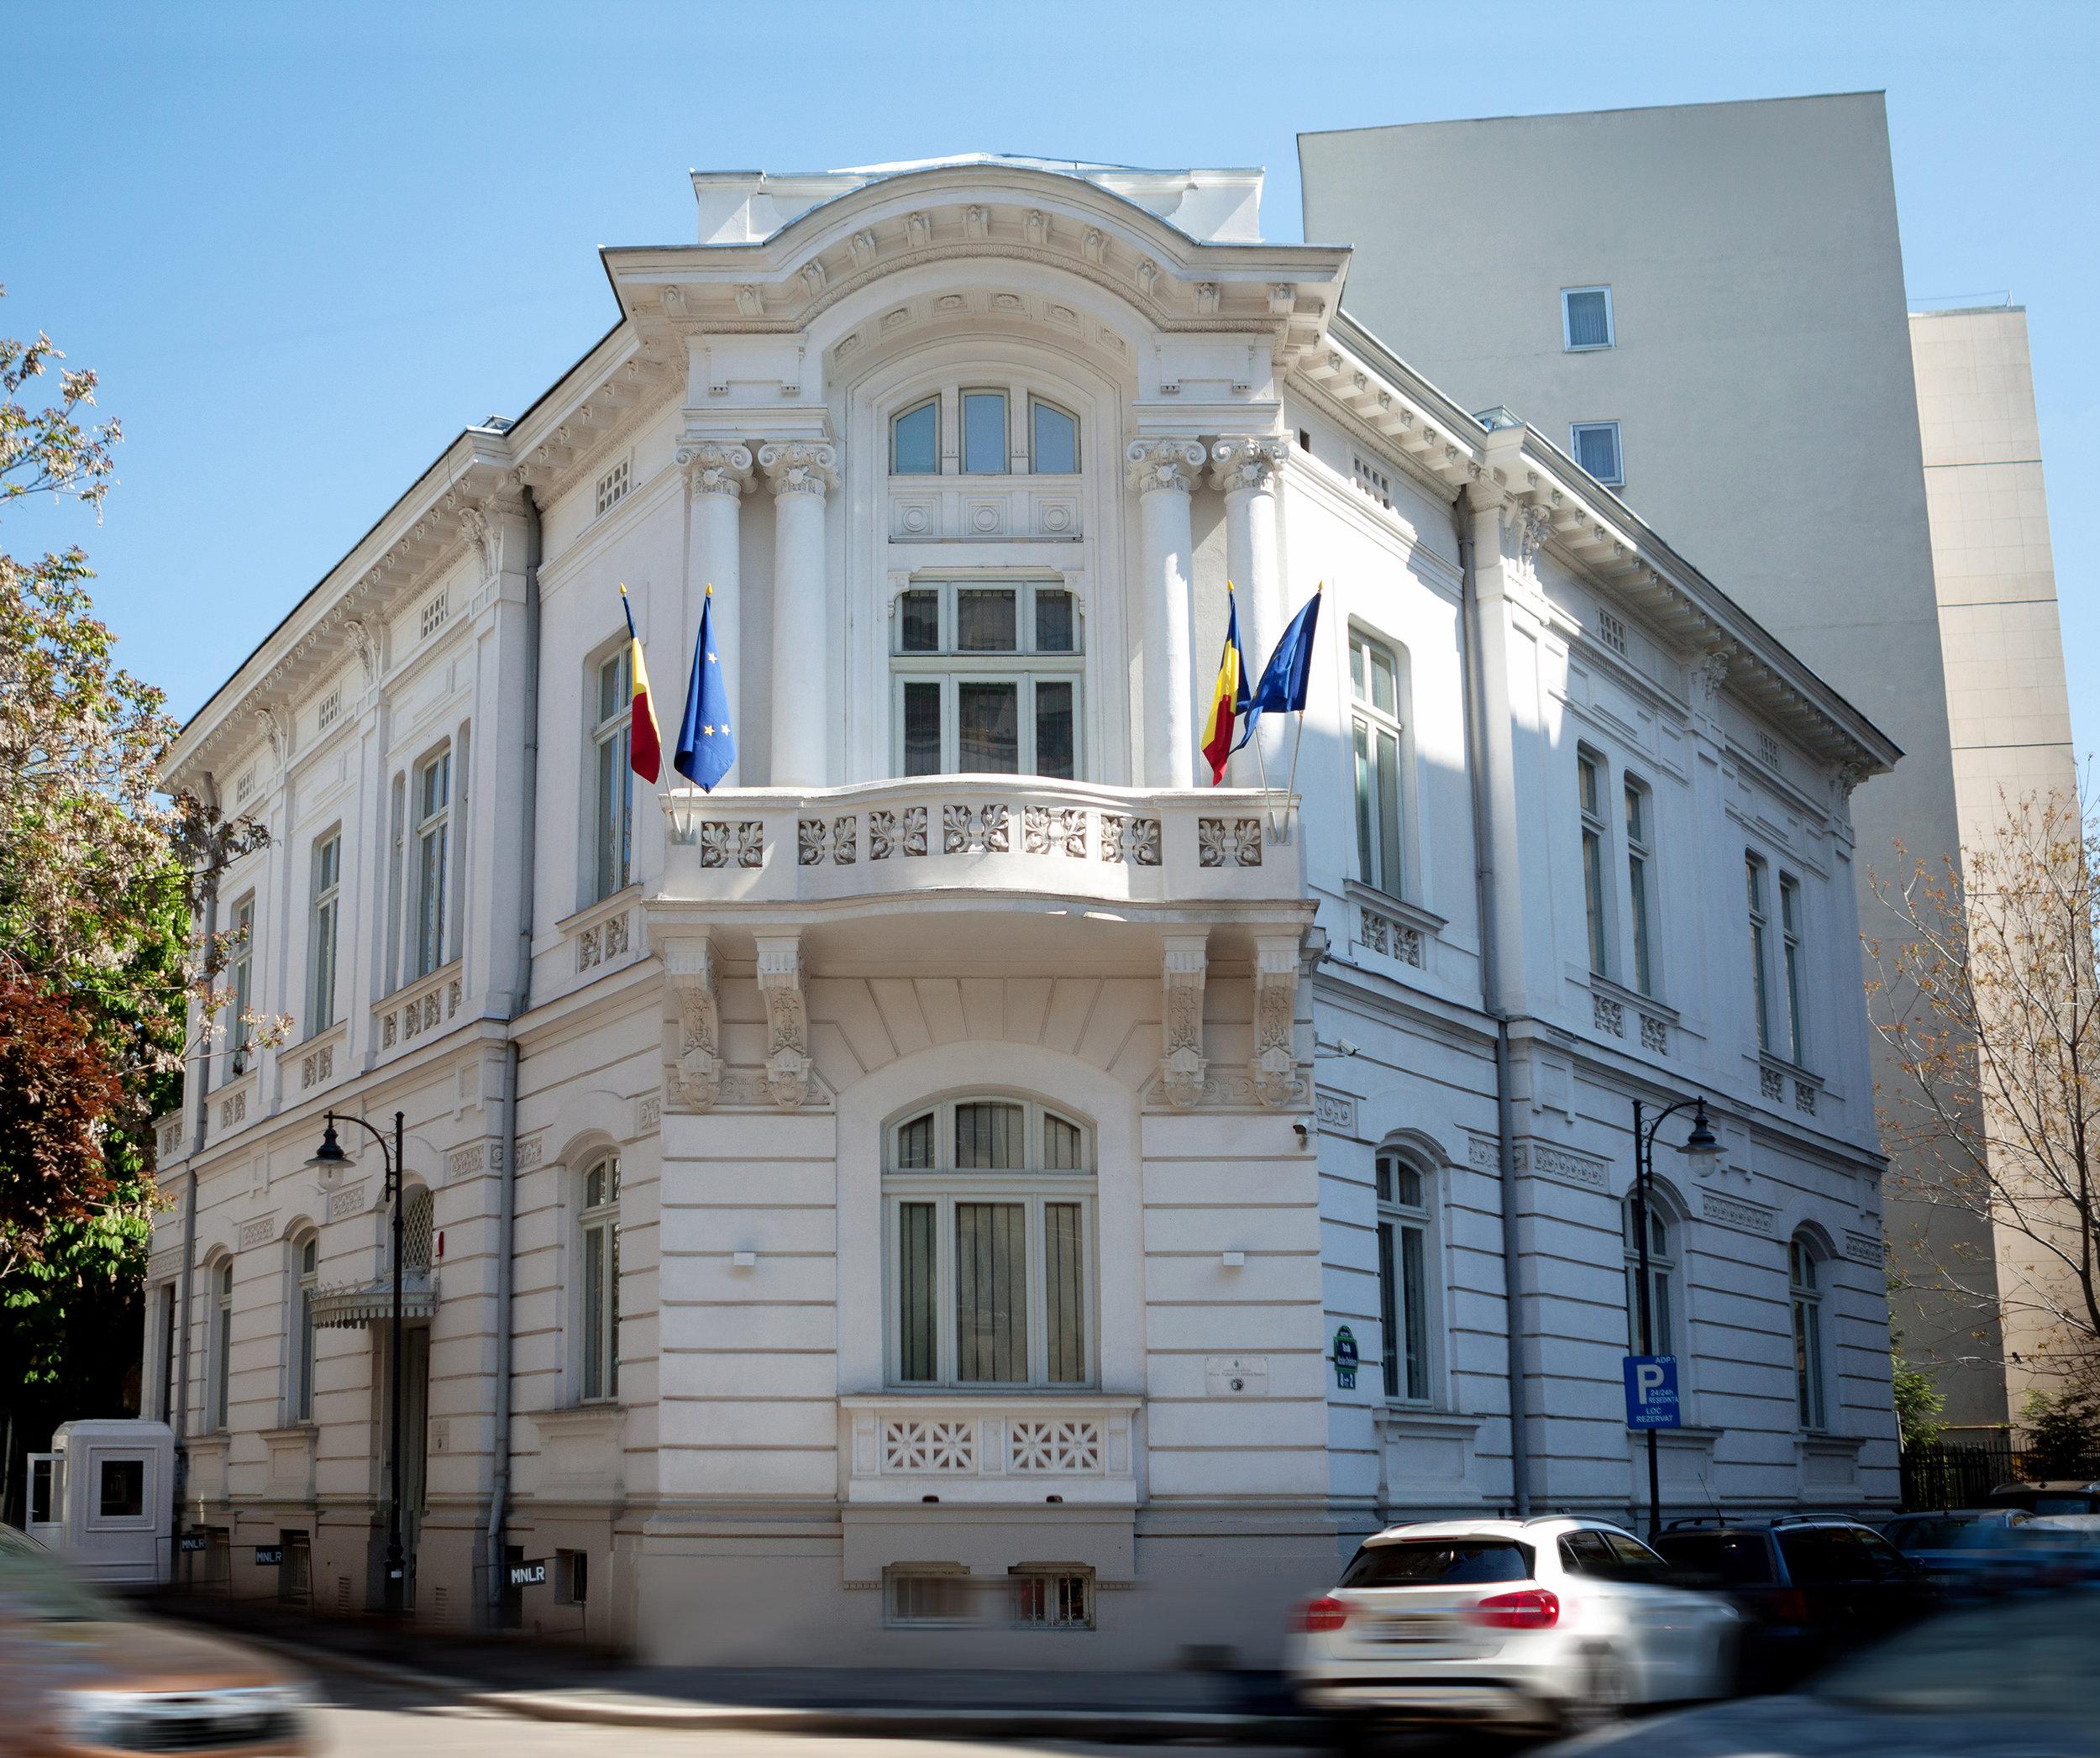 photo © Muzeul Naţional al Literaturii Române